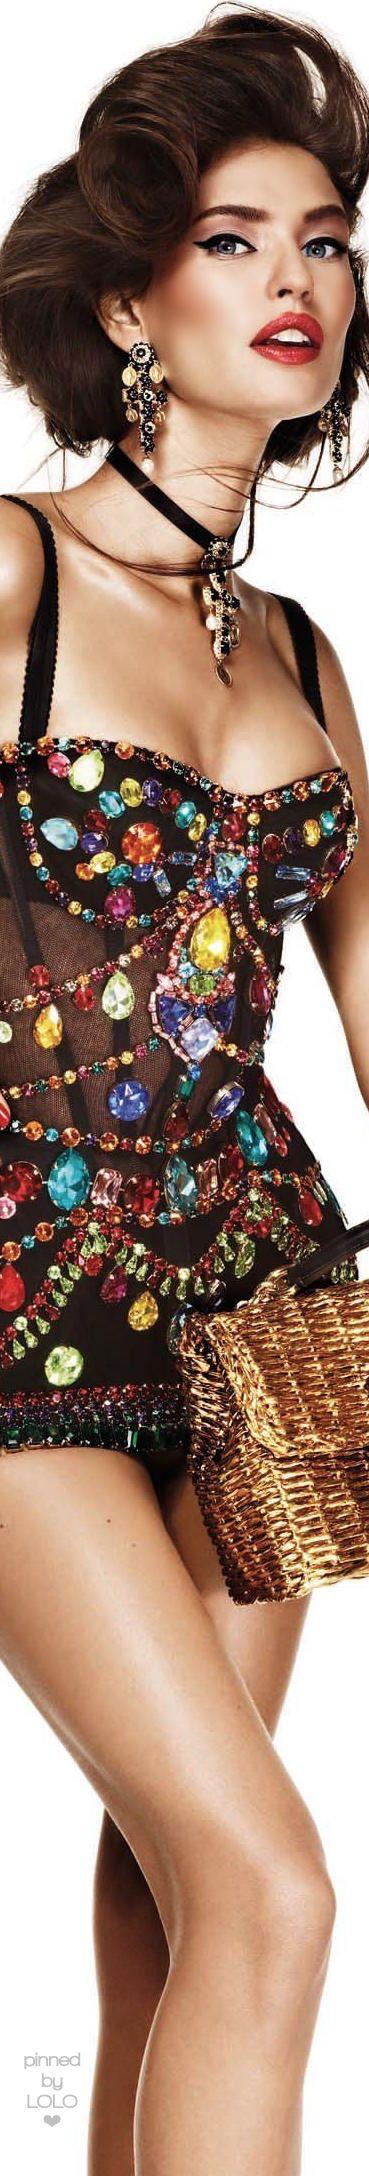 Bianca Balti in Dolce & Gabbana Vogue Japan   LOLO❤︎